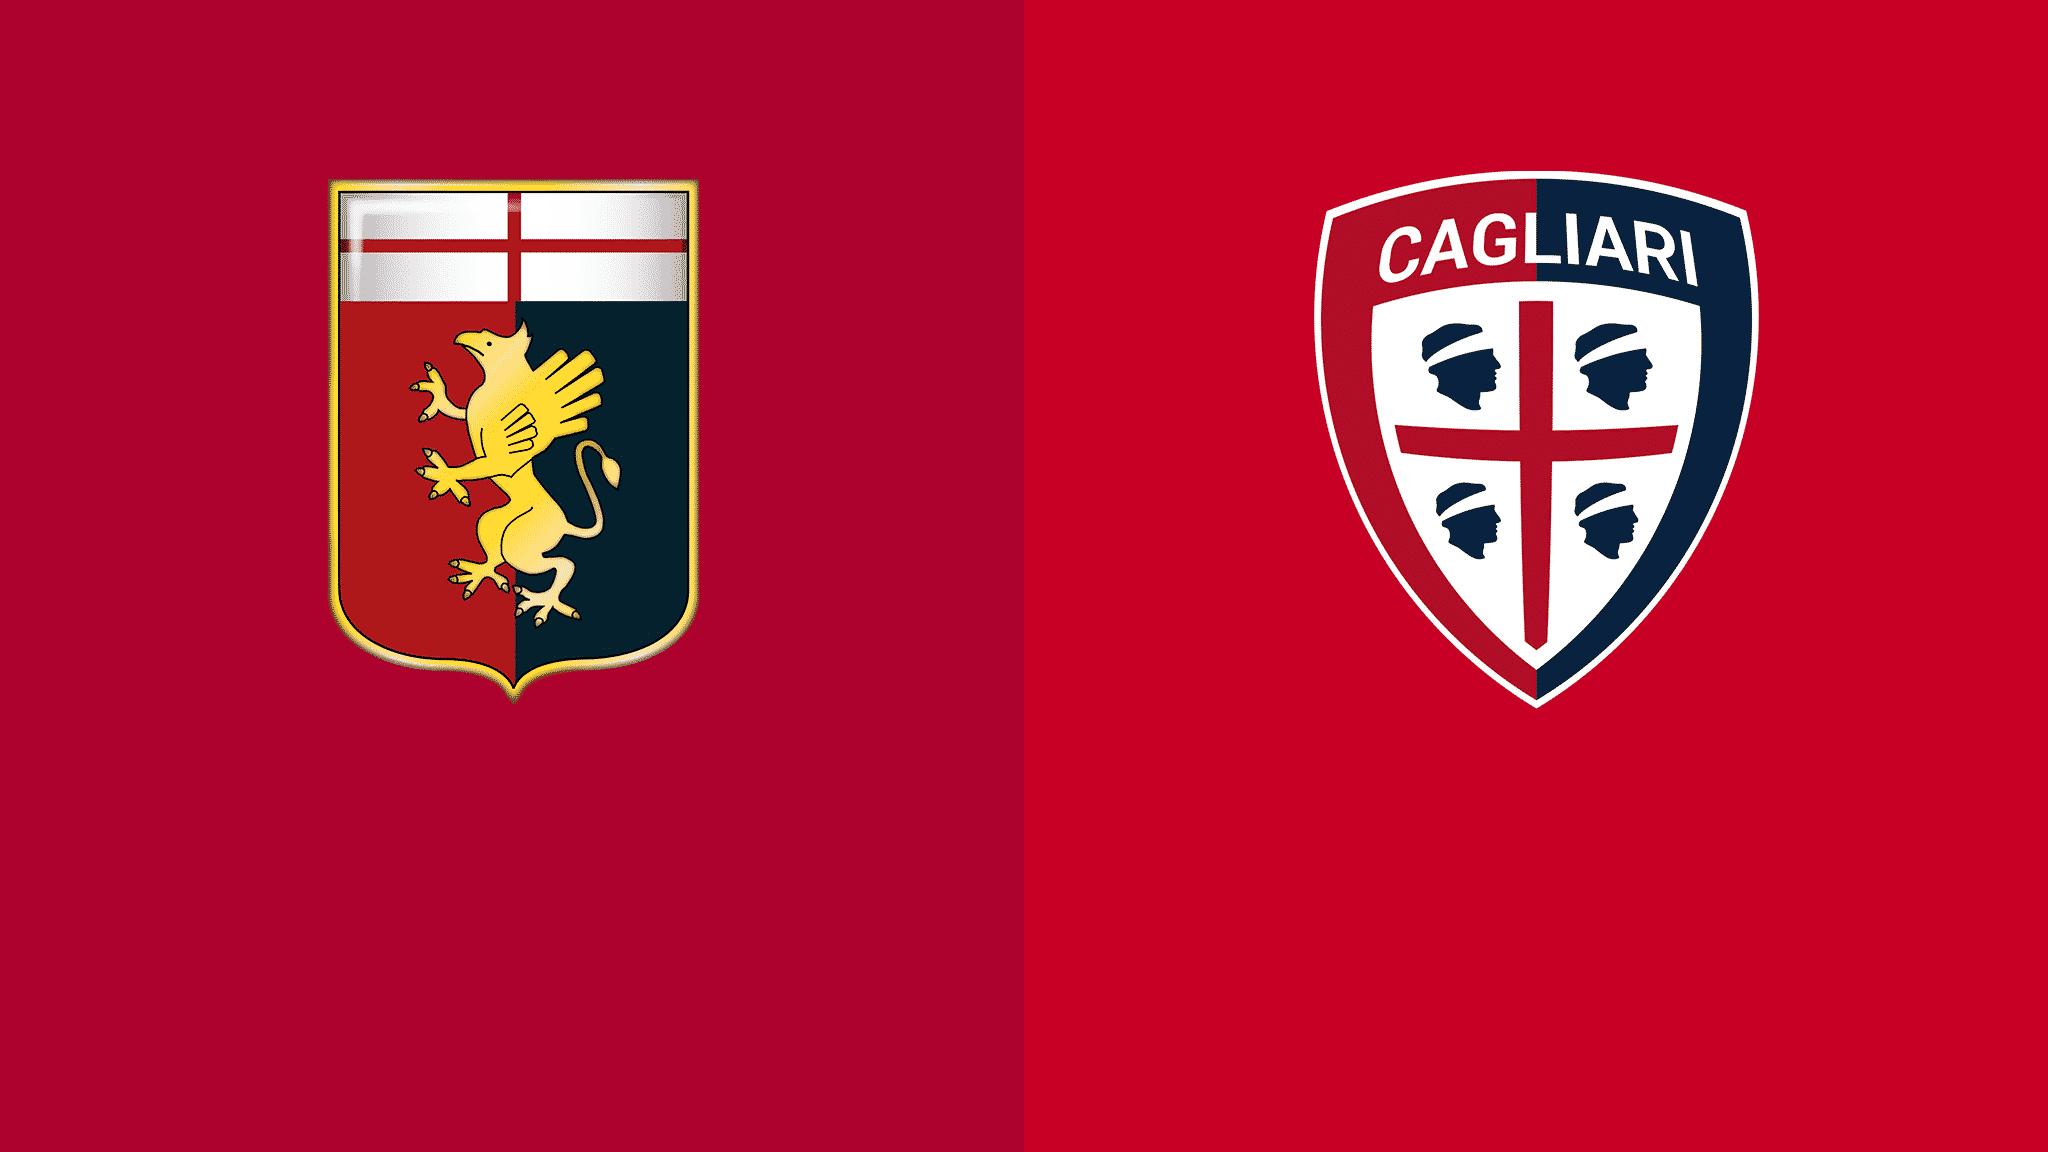 Hesgoal Genoa Cagliari streaming: la diretta live